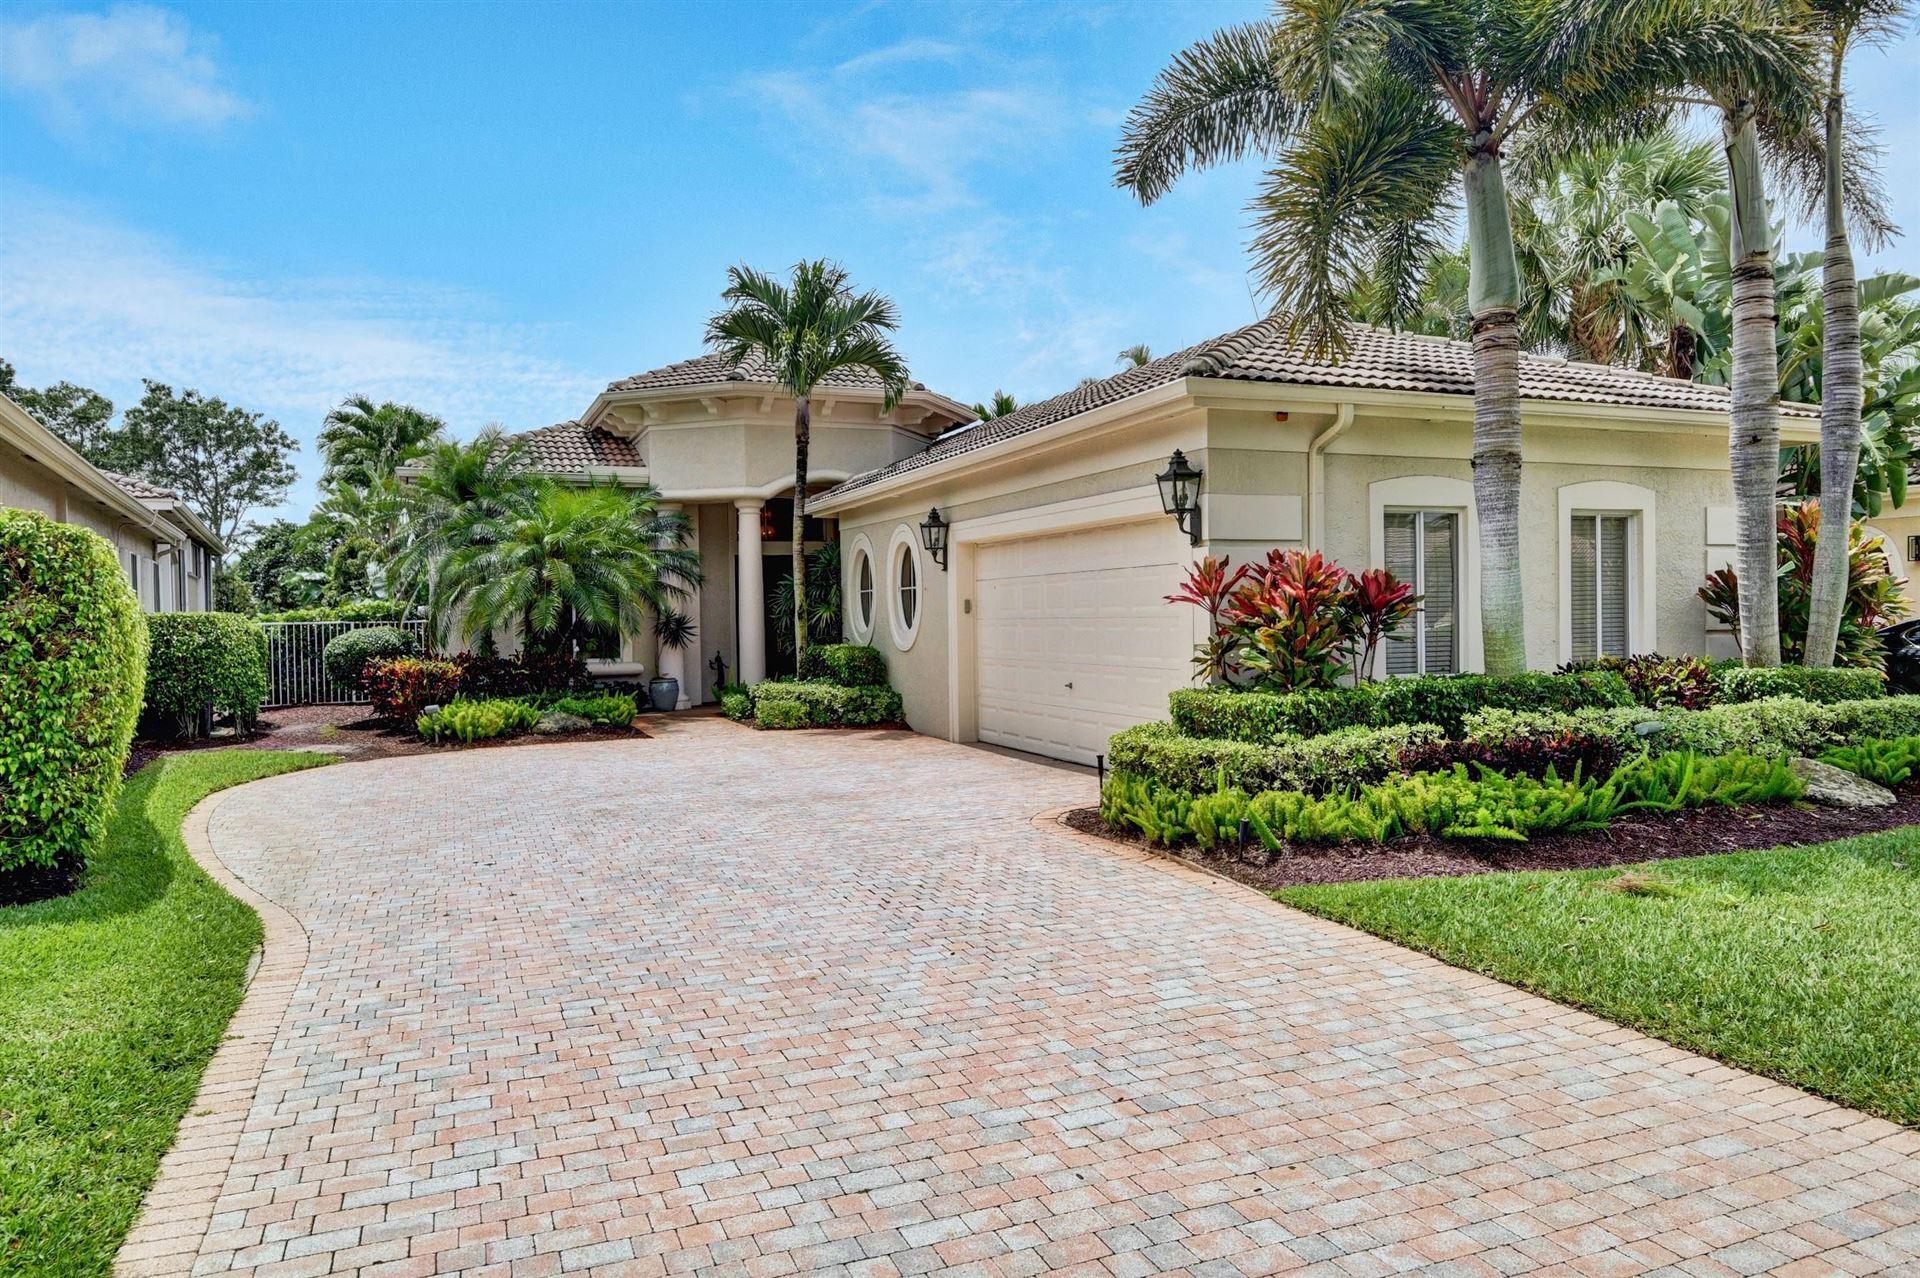 7743 Villa D\' Este Way, Delray Beach, FL 33446 - #: RX-10628497